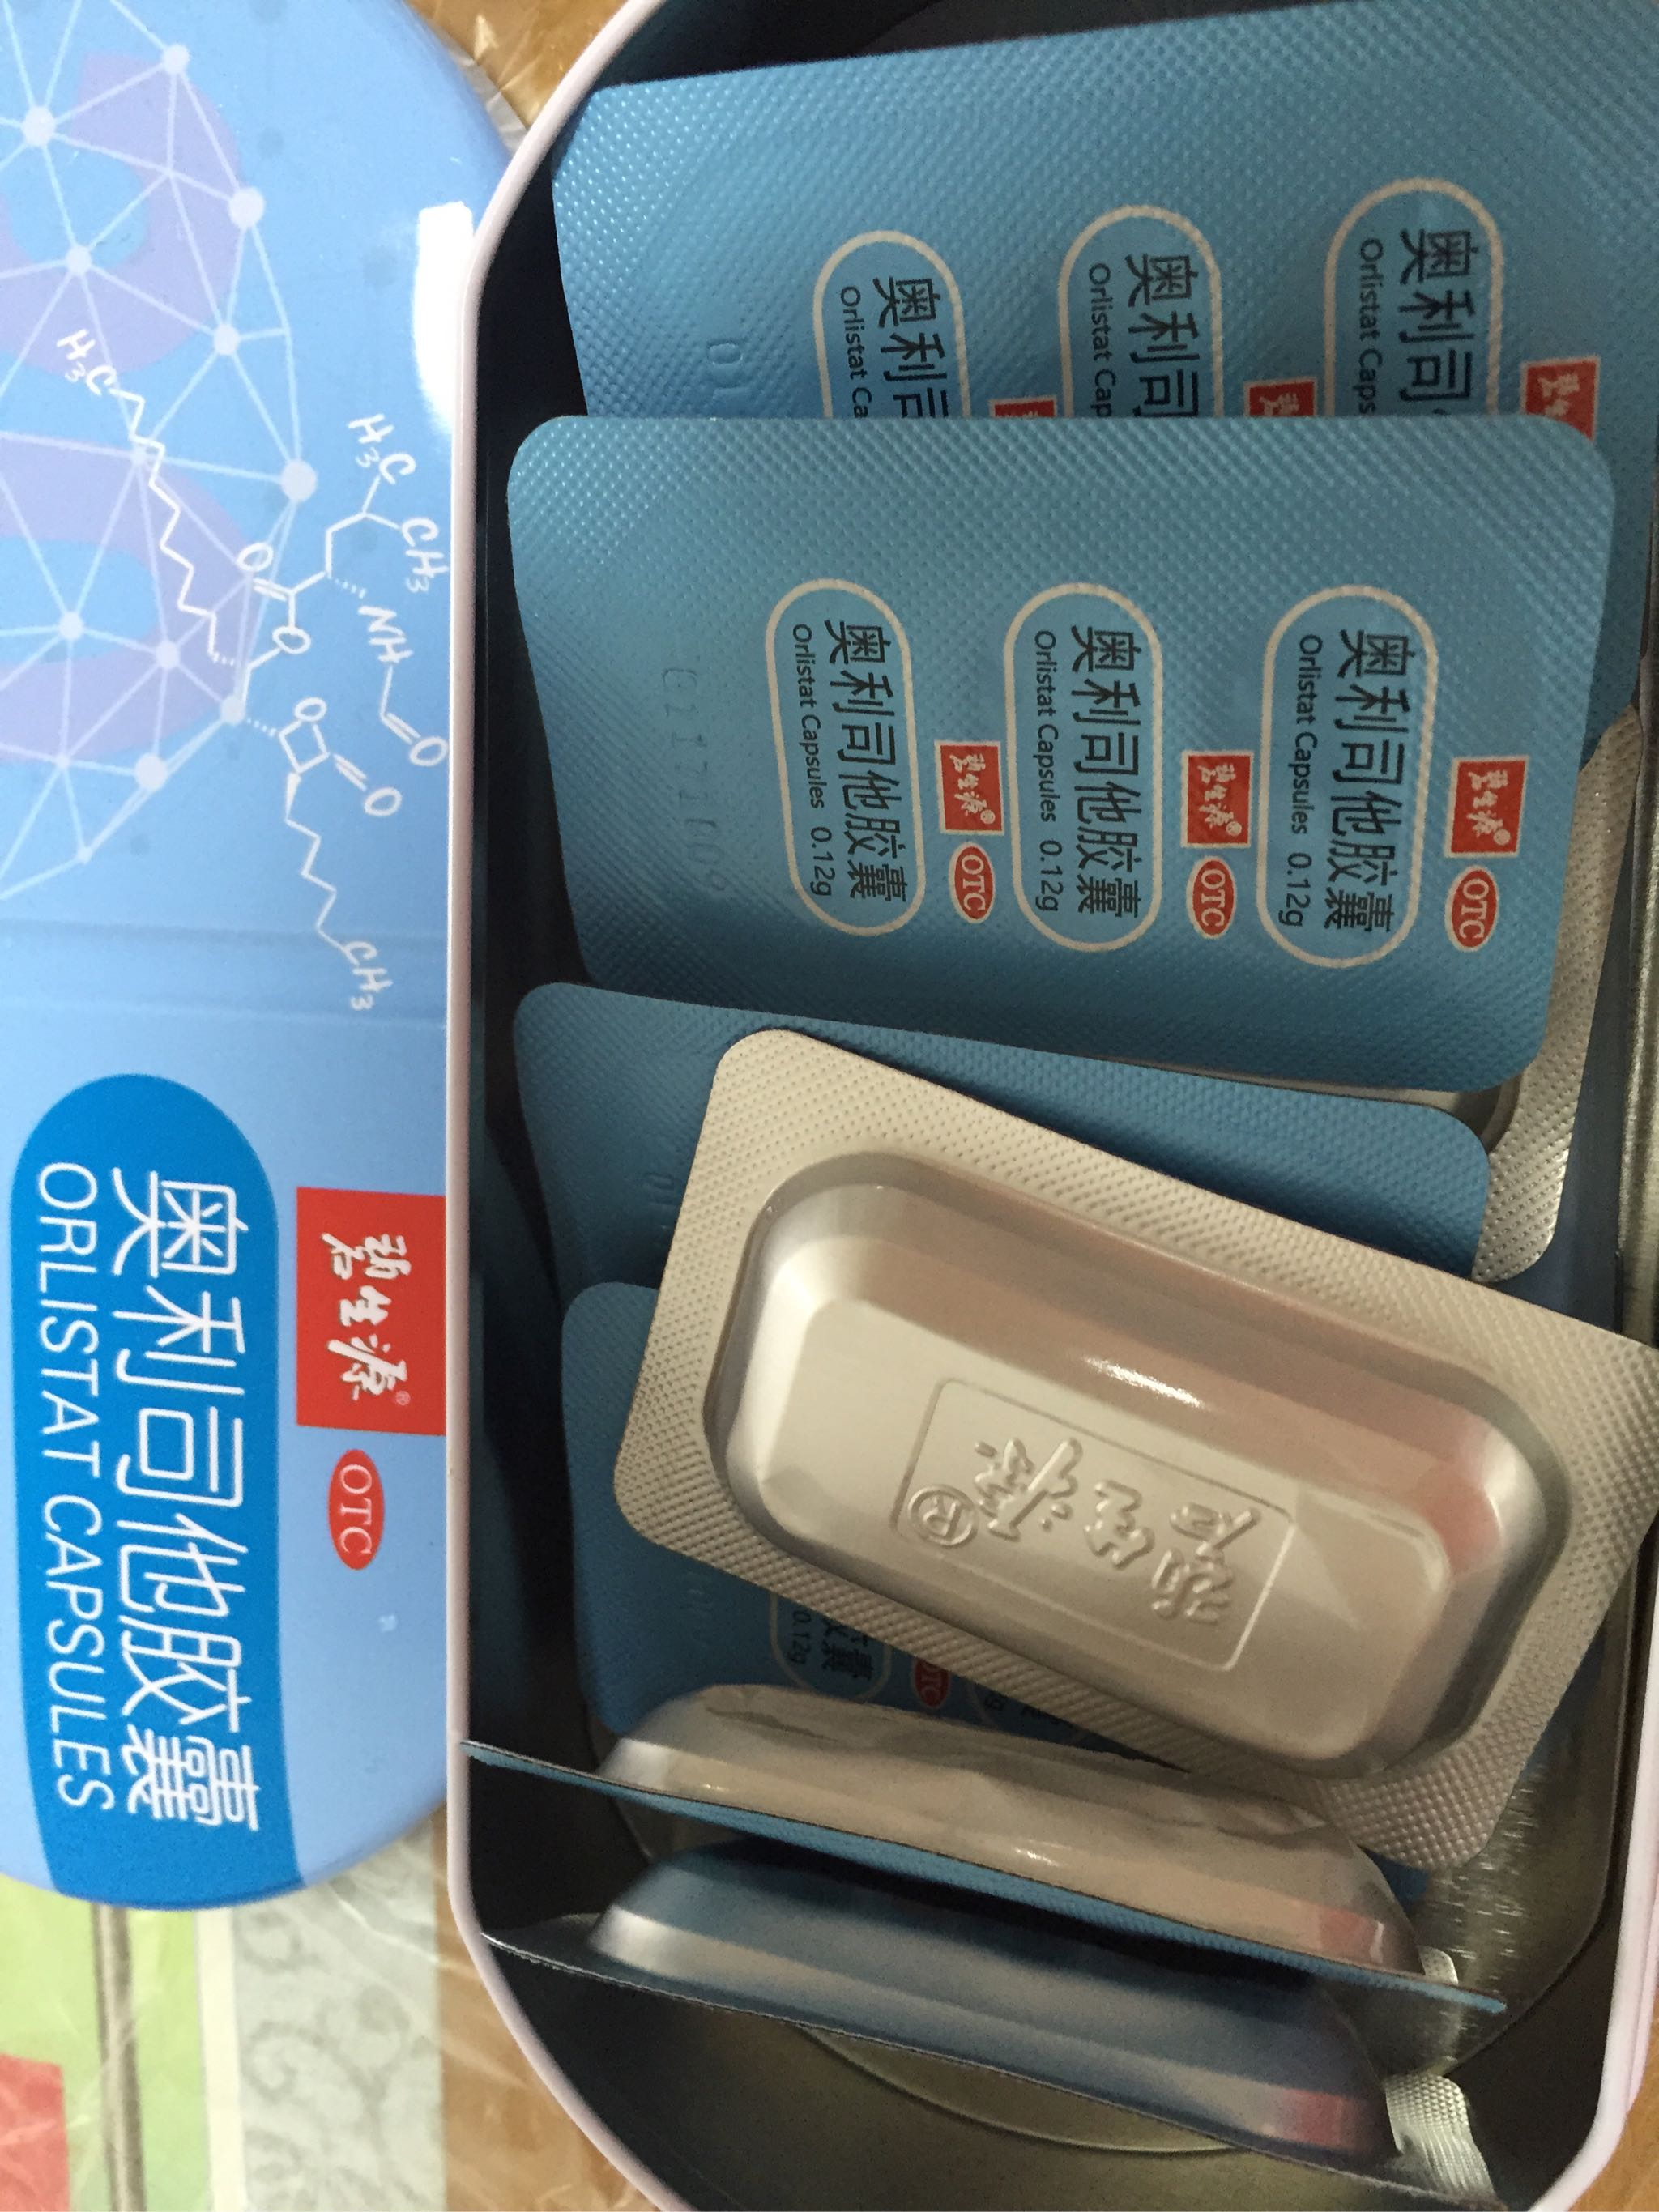 收到碧生源最新排油减肥产品,包装说明很仔细